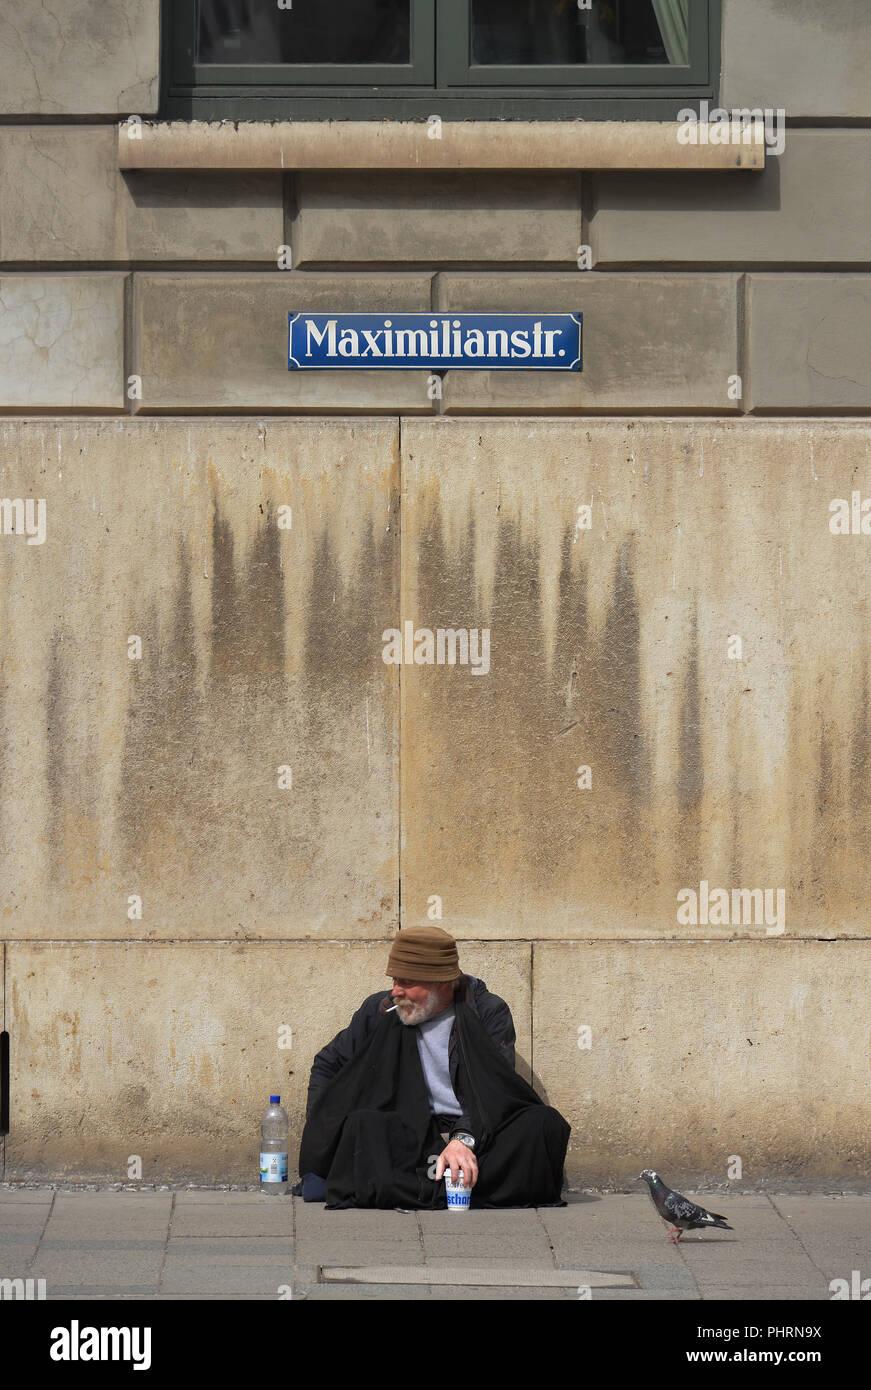 Bettler, Maximilianstrasse, Muenchen, Bayern, Deutschland - Stock Image